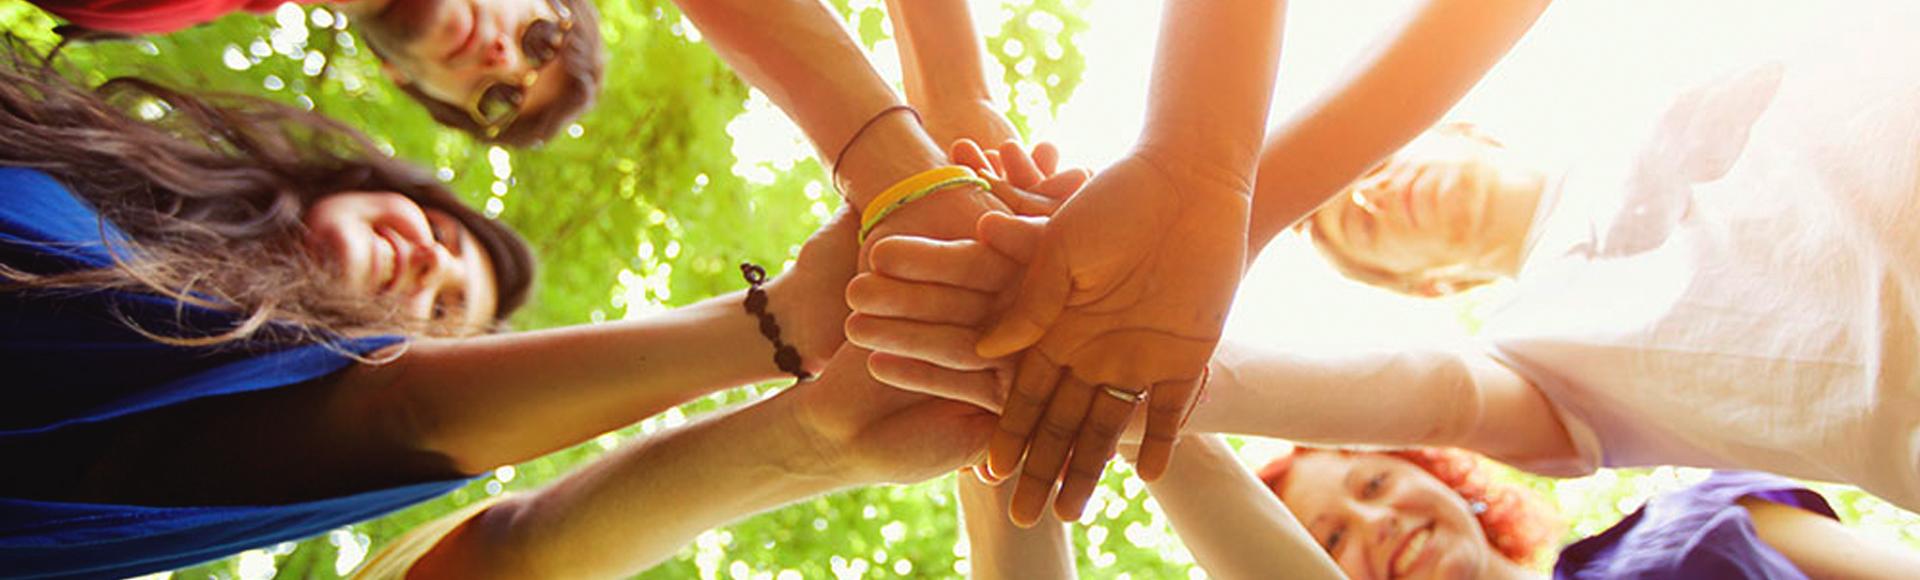 благотворительный фонд по формированию здорового образа жизни